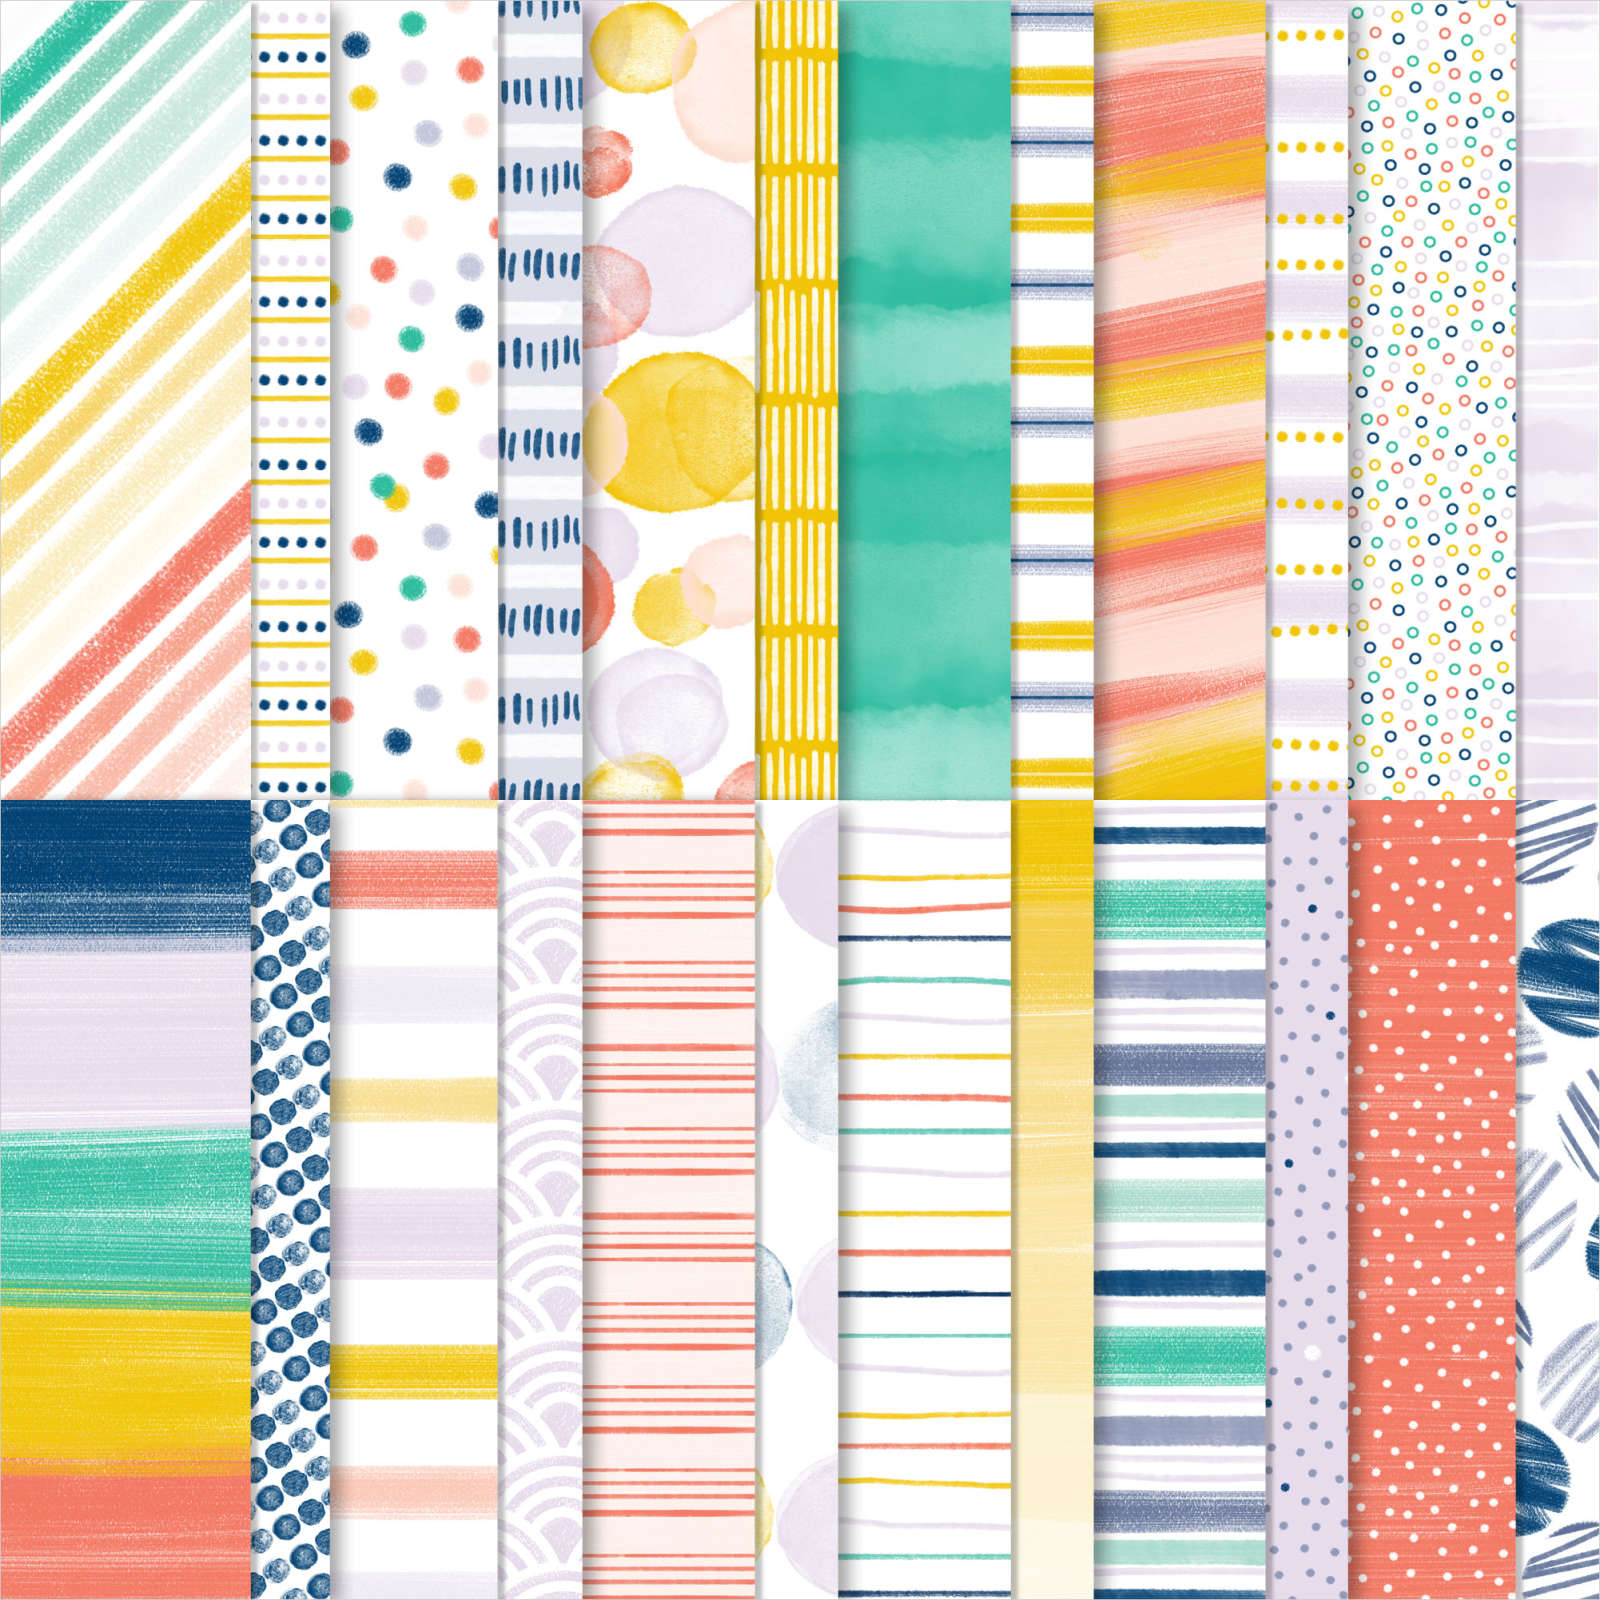 """152490 - Designerpapier """"Jede Menge Muster"""""""